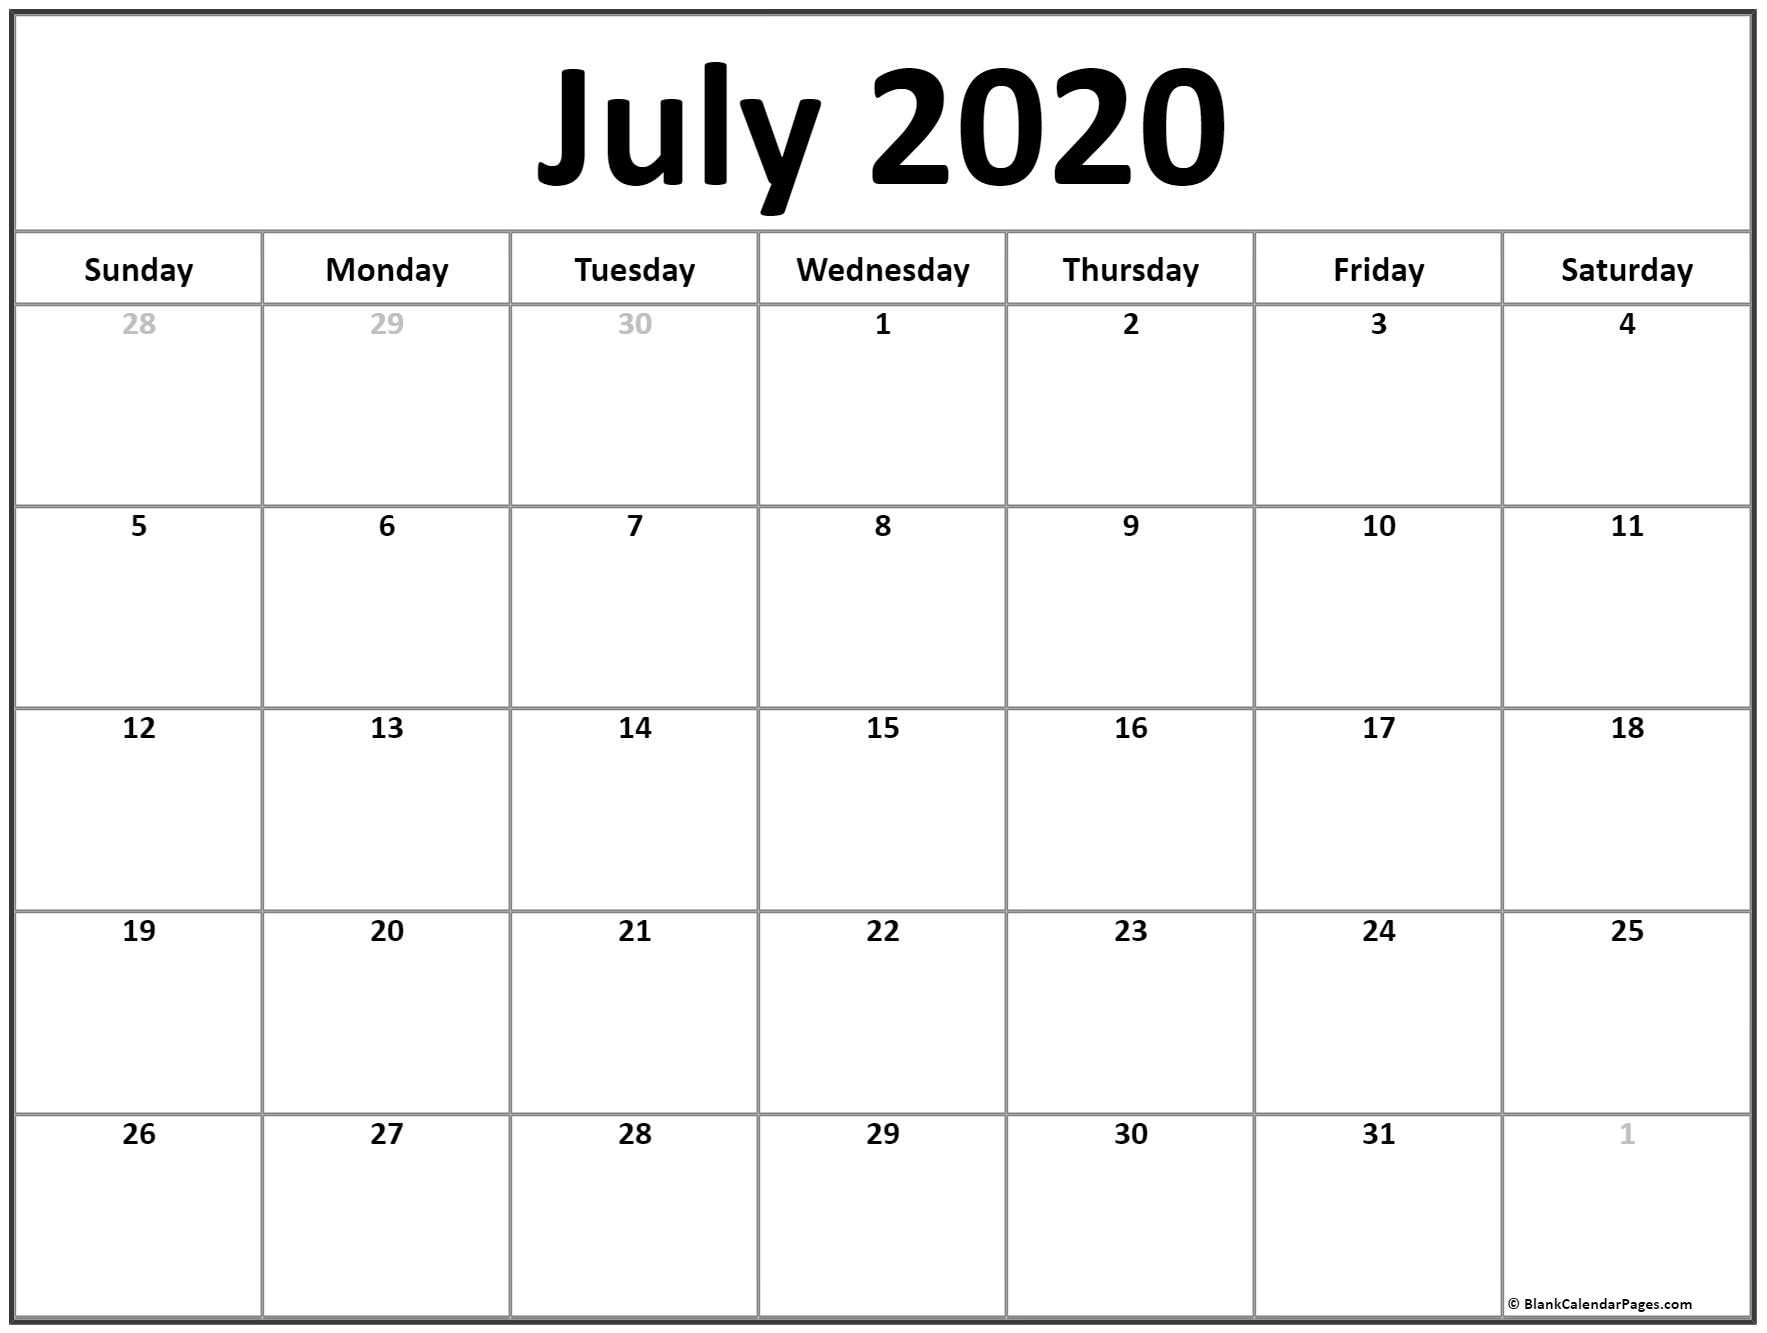 July 2020 Calendar | Free Printable Monthly Calendars-June-August 2020 Blank Clanedars